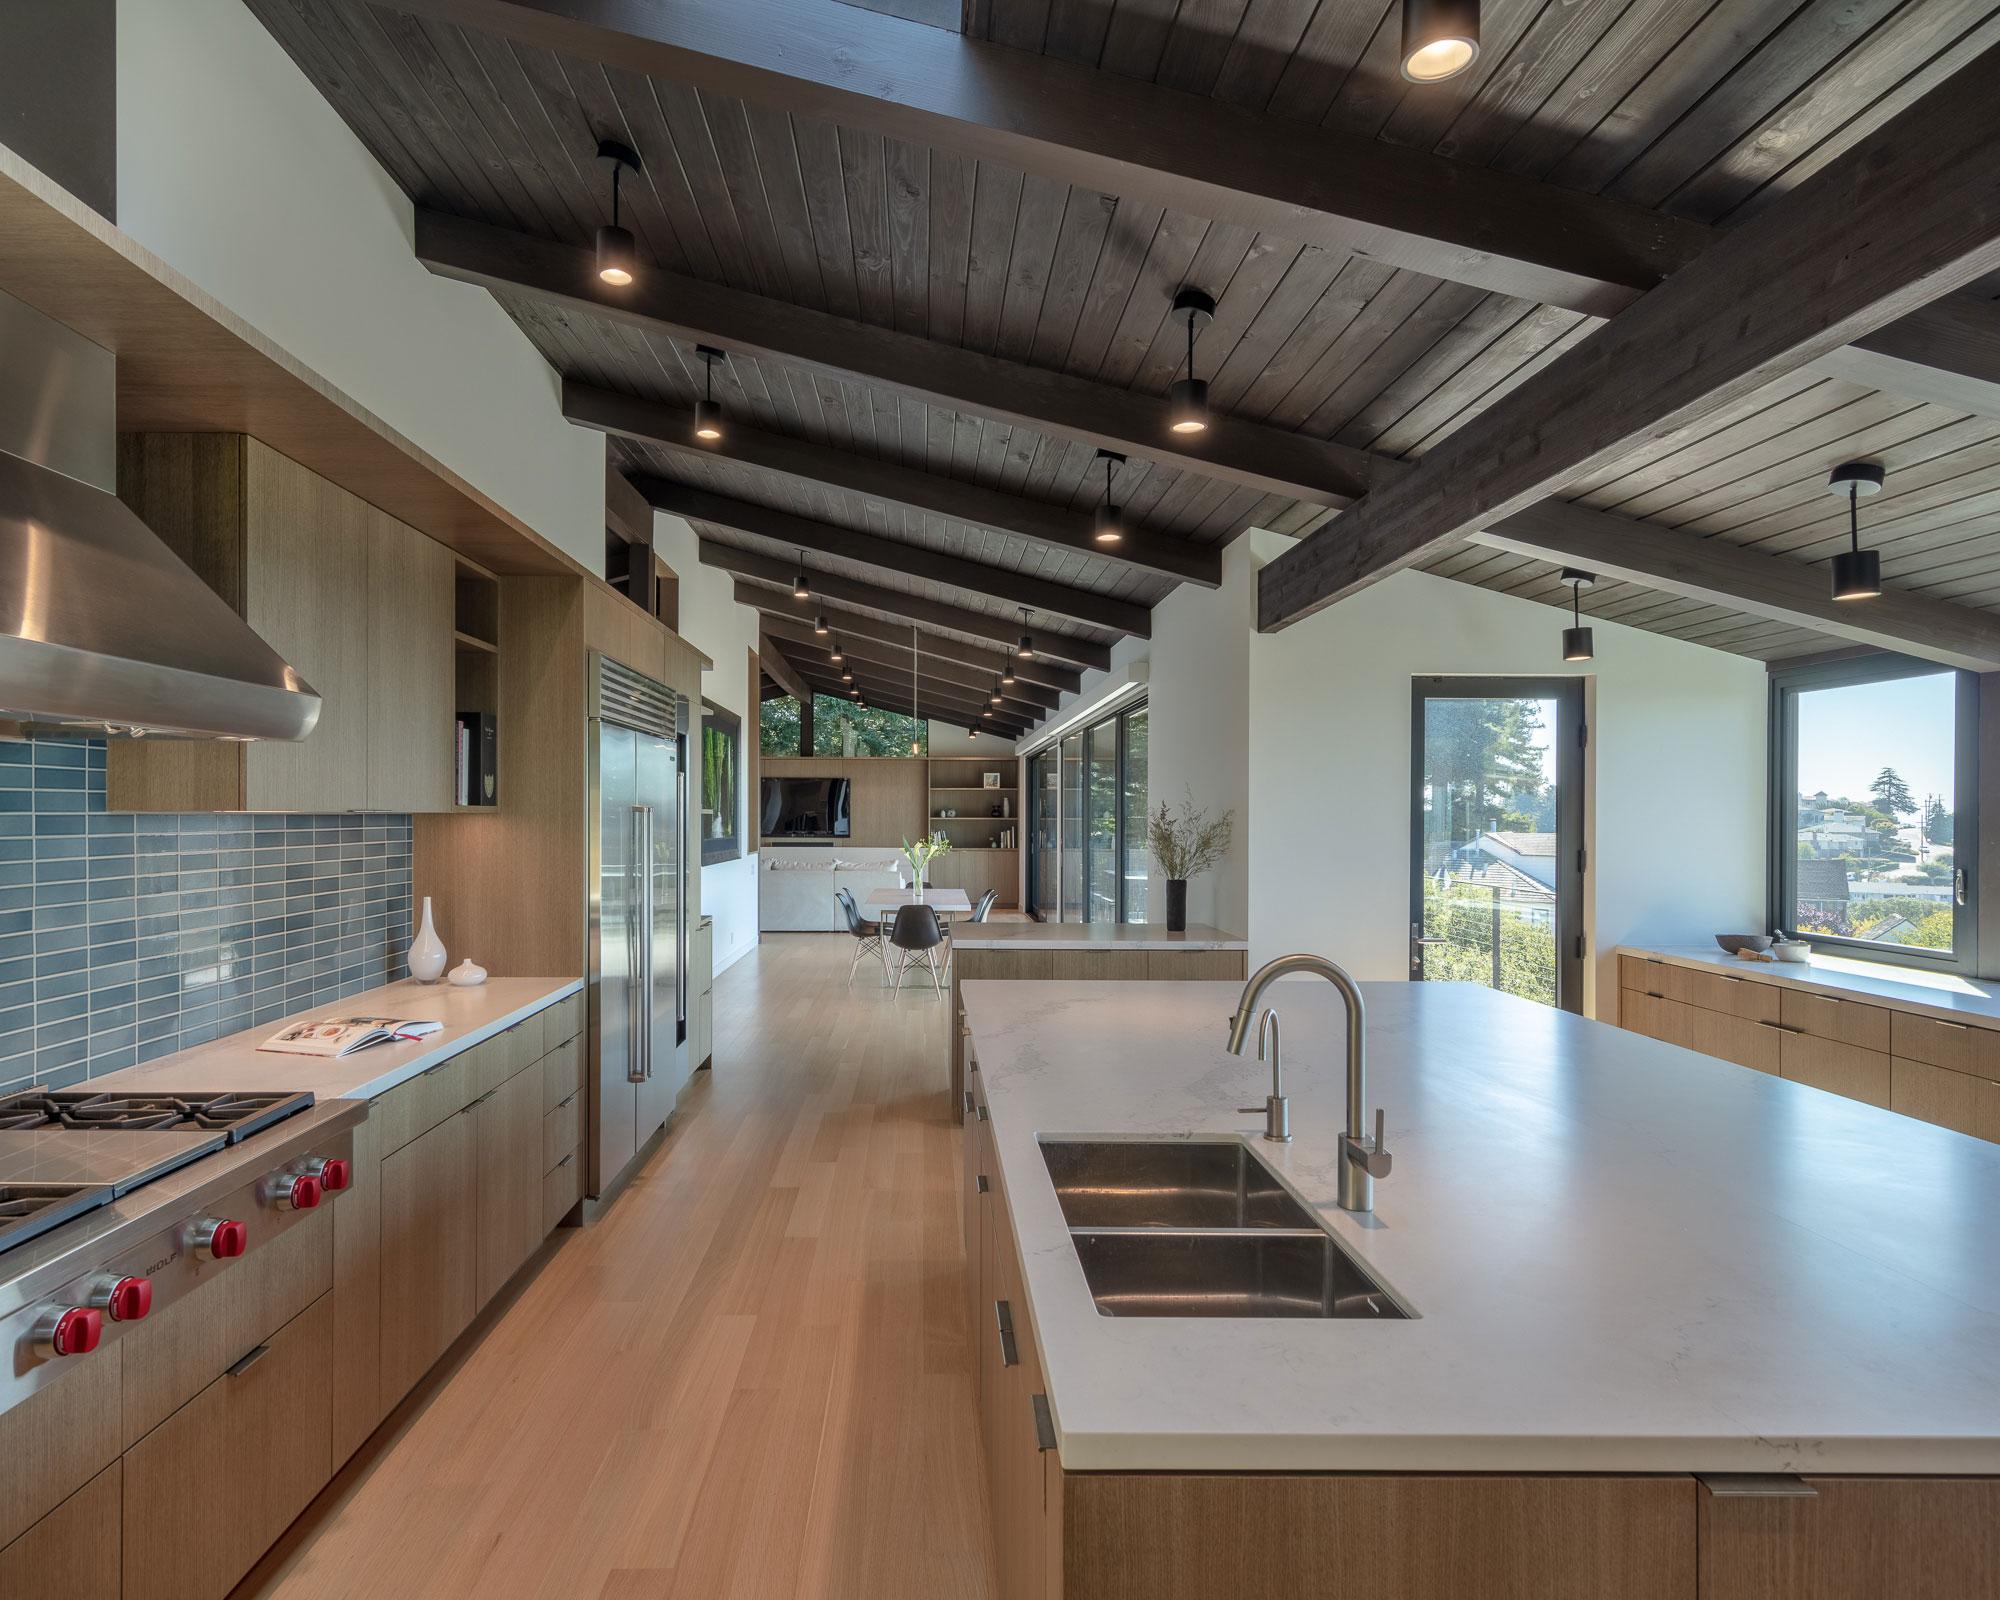 Piedmont HIllside Kitchen 01 Buestad Construction